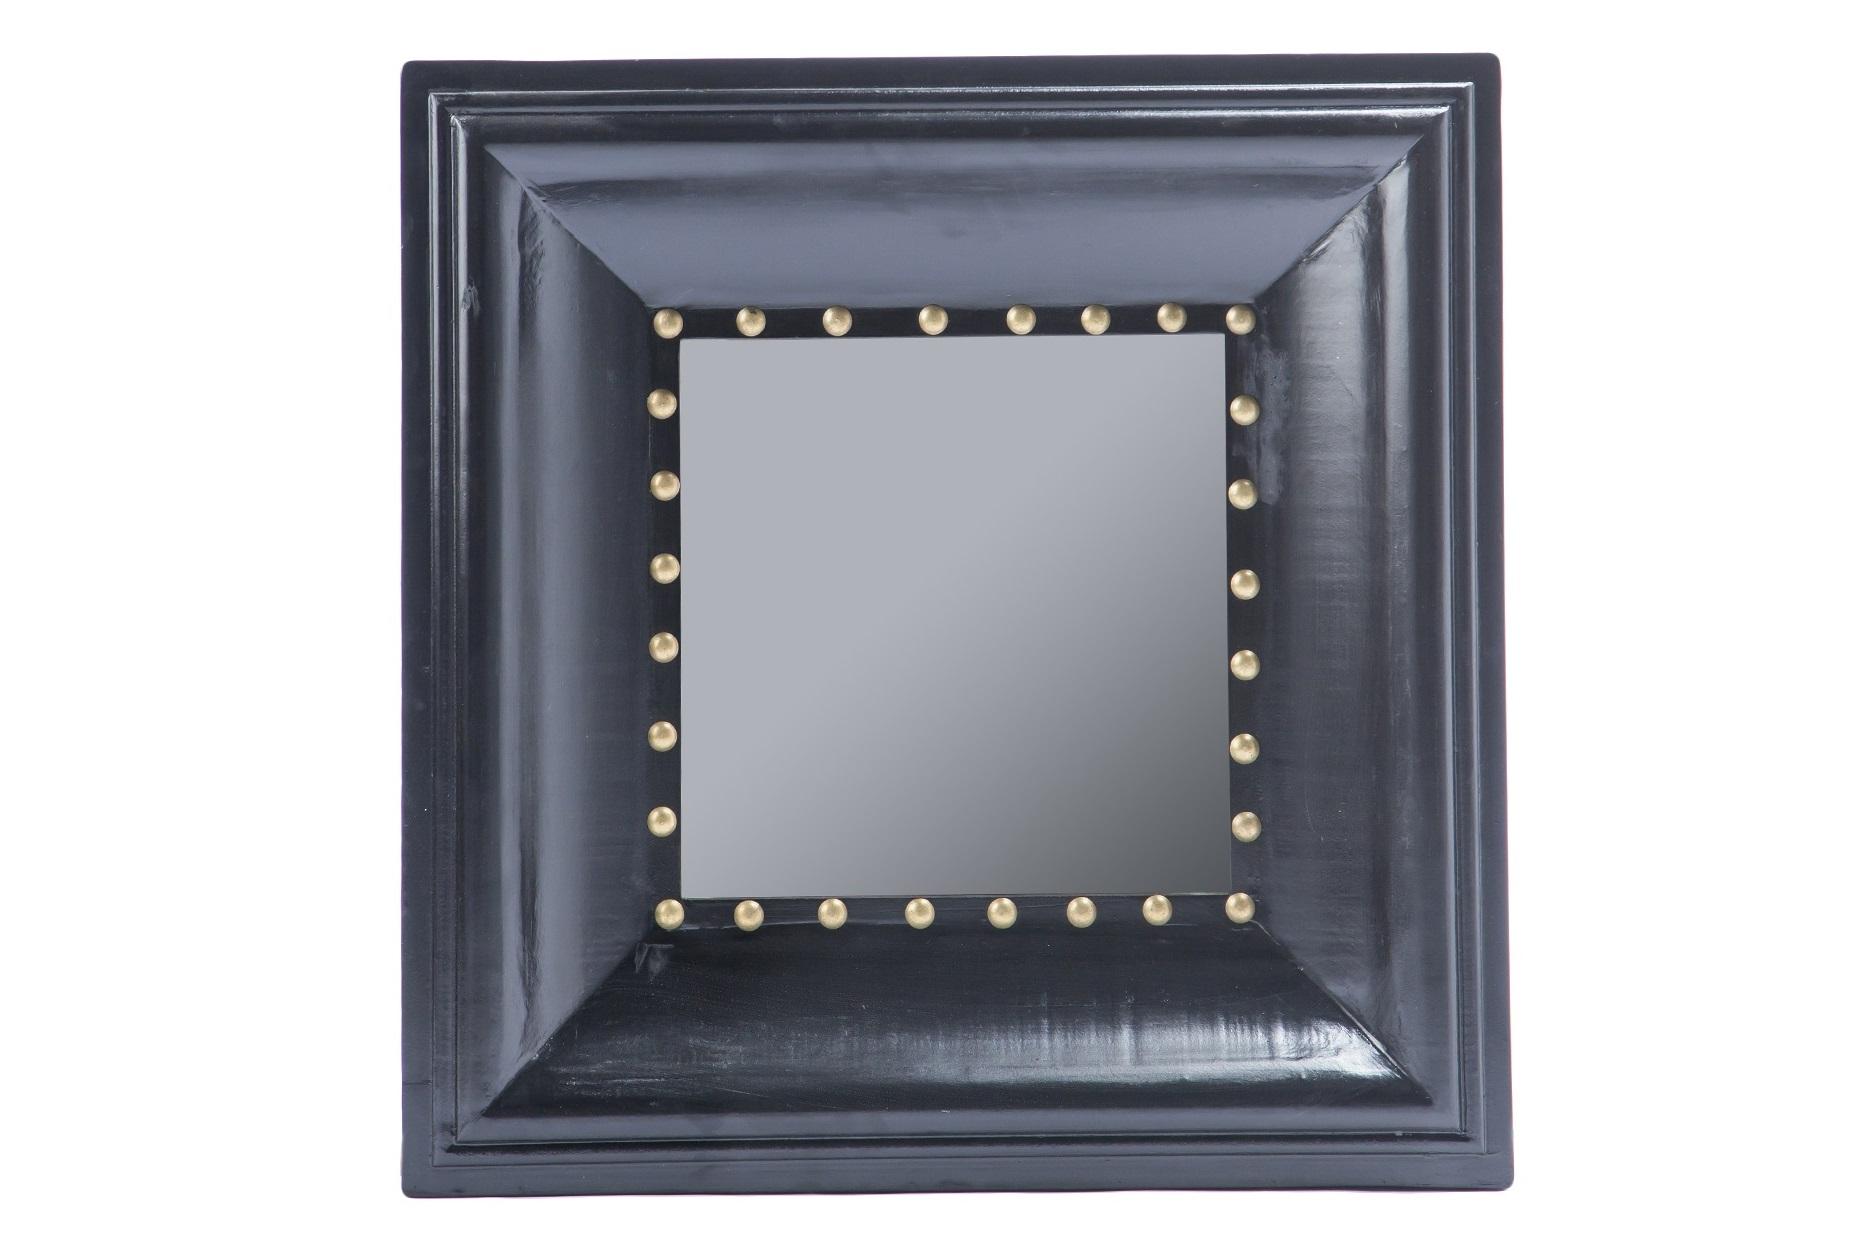 ЗеркалоНастенные зеркала<br>Зеркало в квадратной черной раме, украшенной декоративными гвоздиками.<br><br>Material: МДФ<br>Ширина см: 81<br>Высота см: 81<br>Глубина см: 10